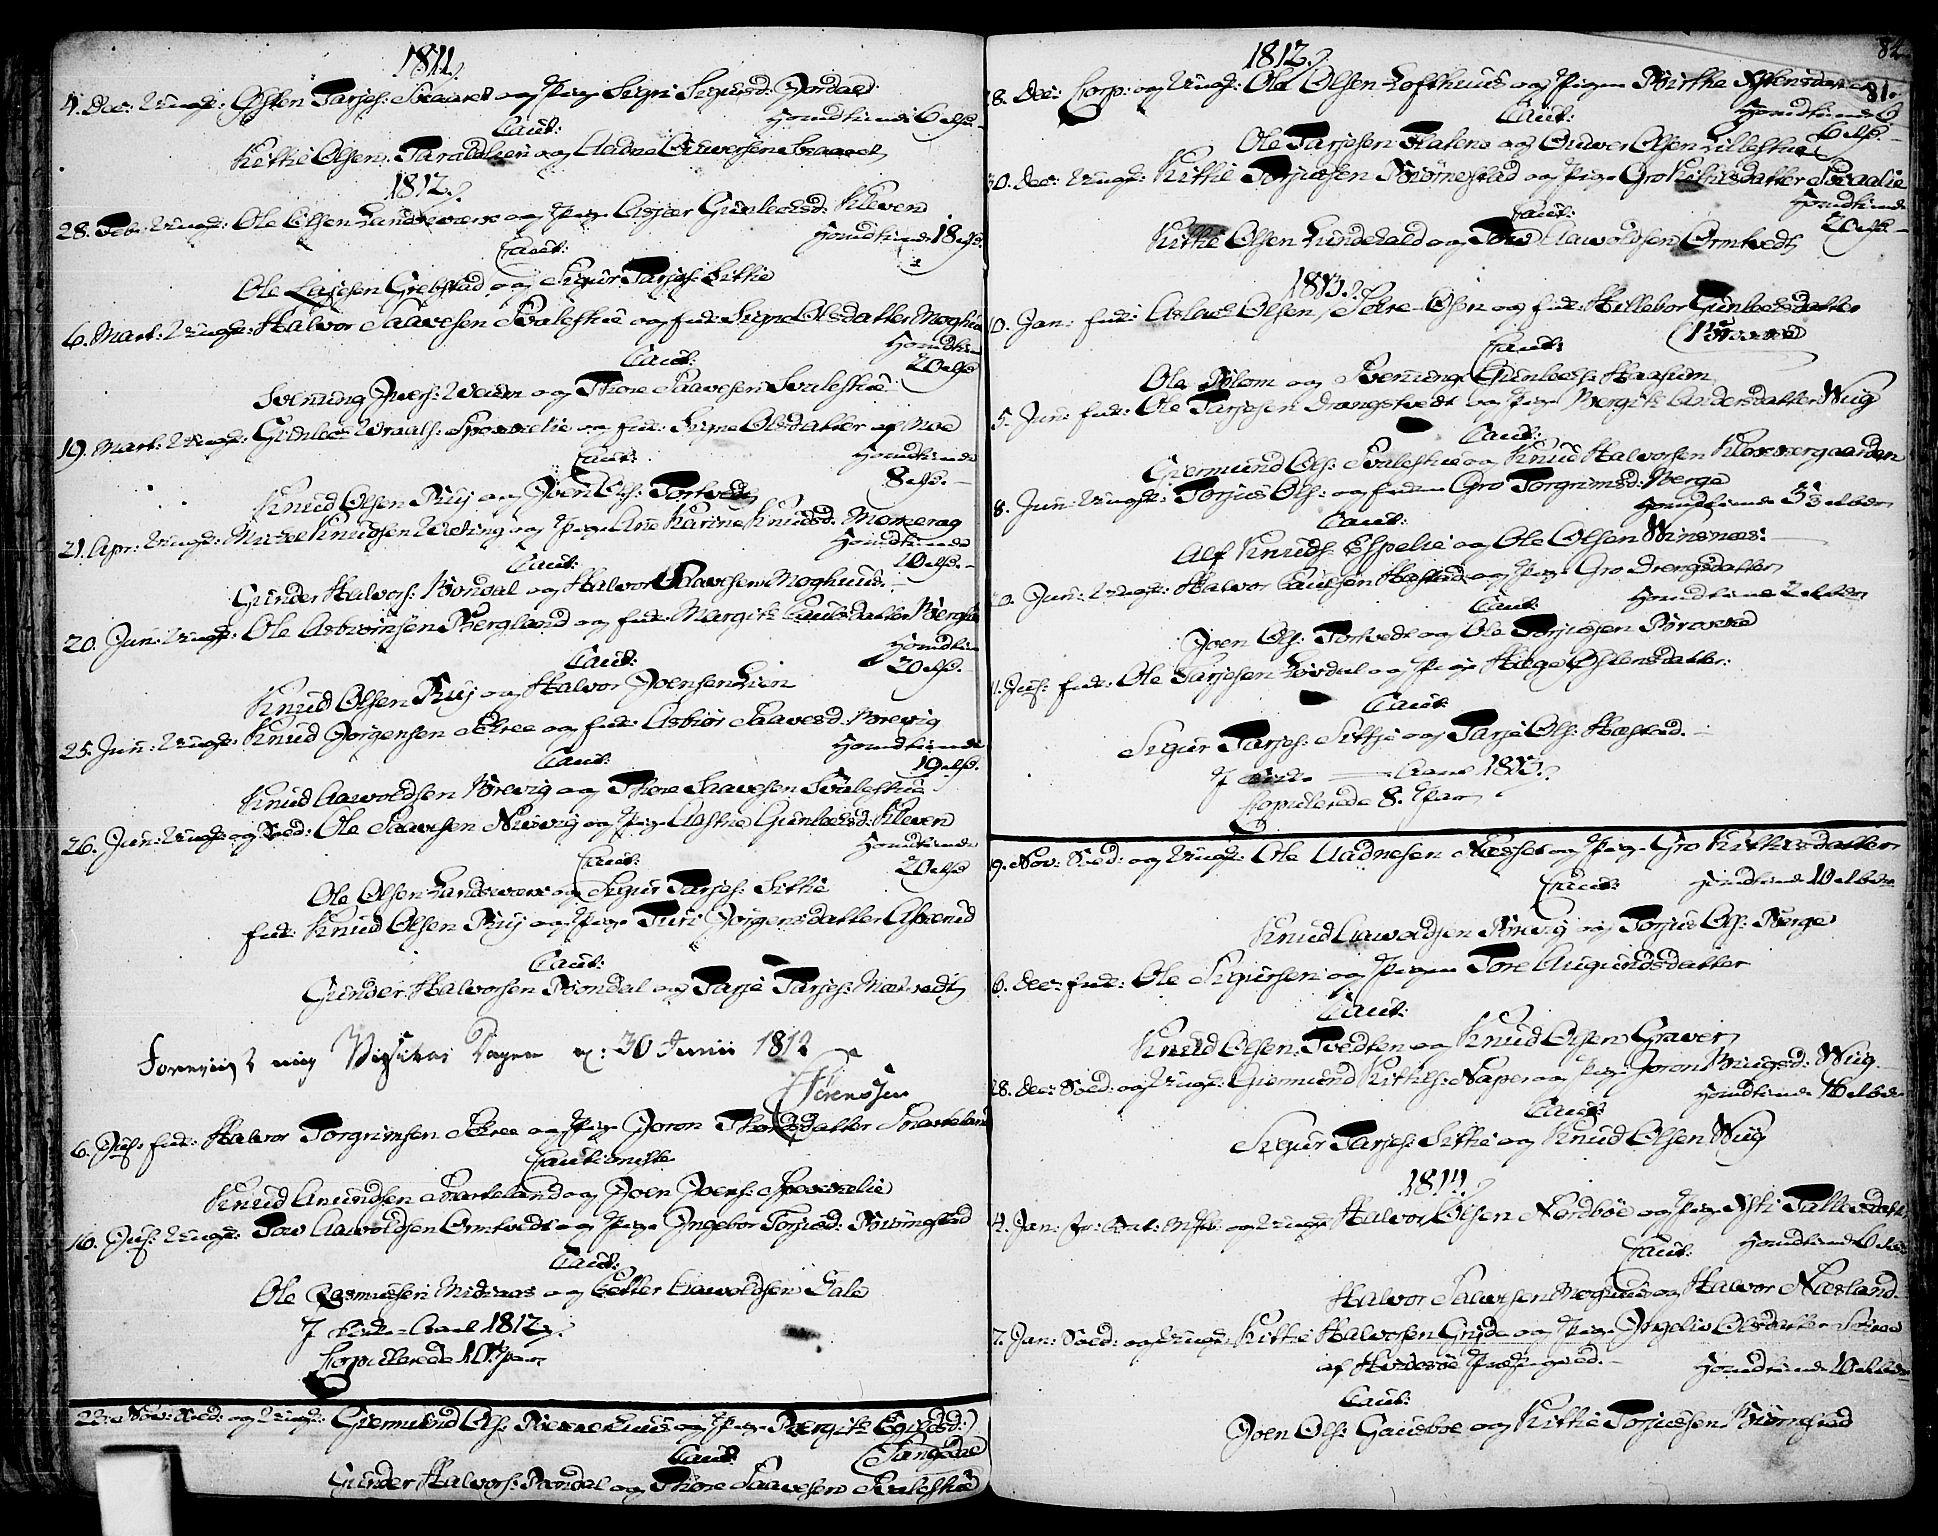 SAKO, Fyresdal kirkebøker, F/Fa/L0002: Ministerialbok nr. I 2, 1769-1814, s. 81